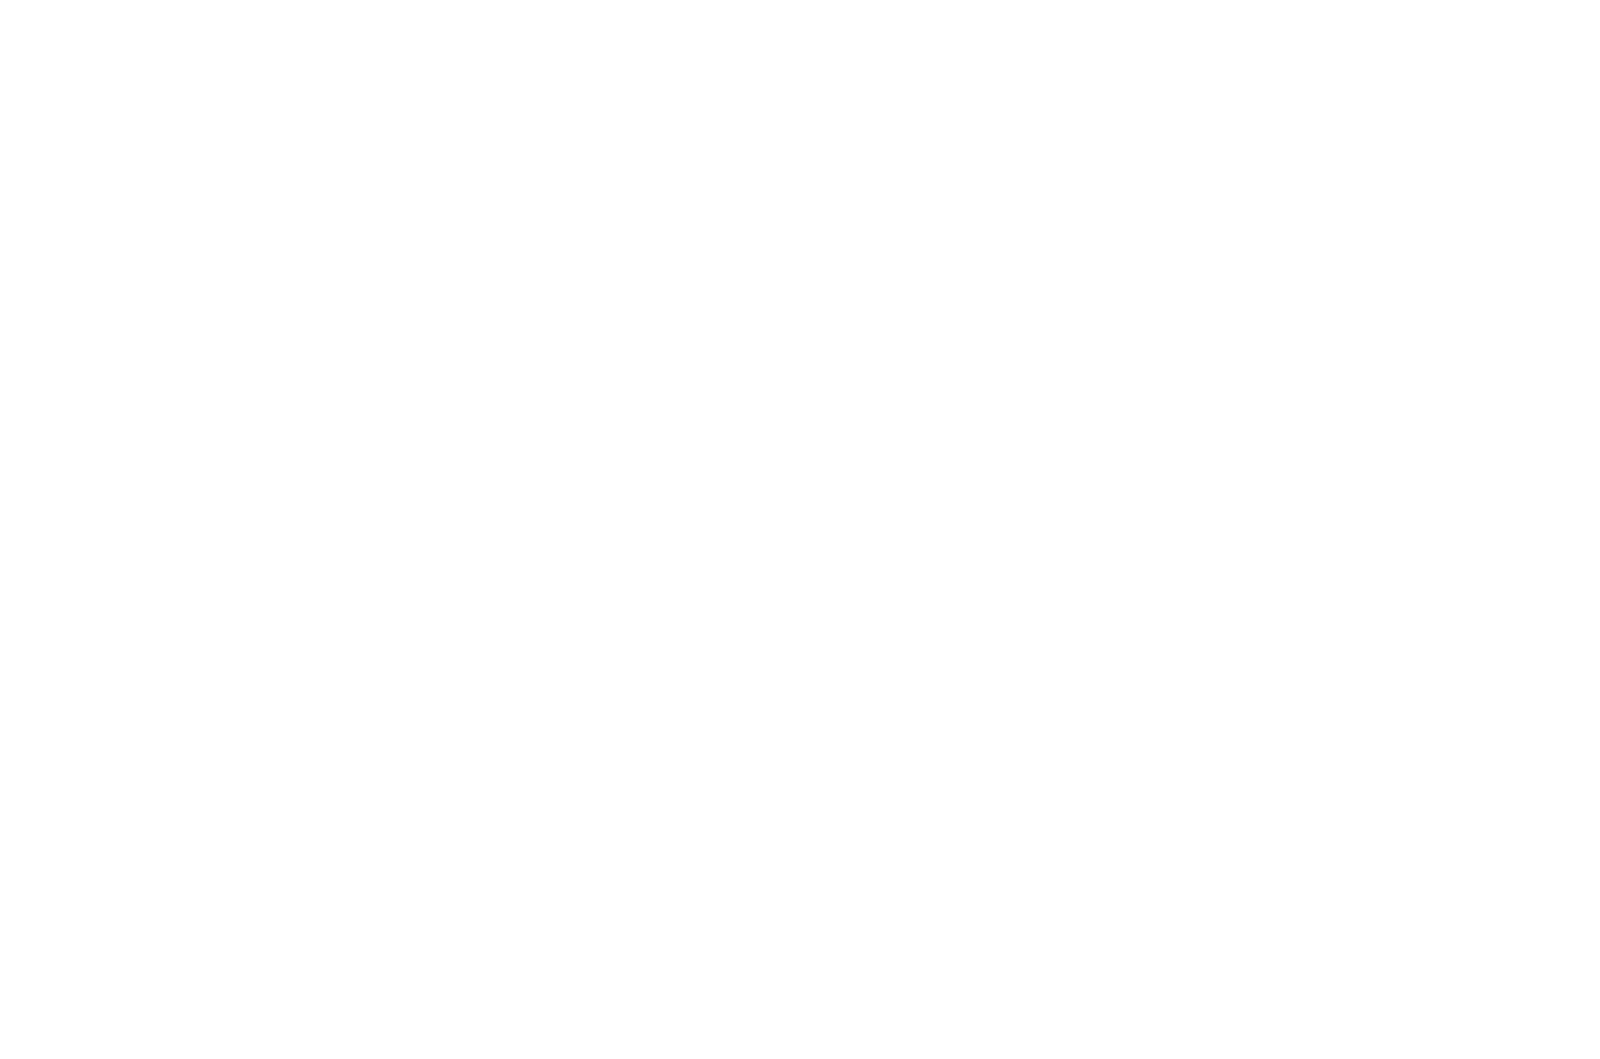 Санитарные правила для домов интернатов для престарелых